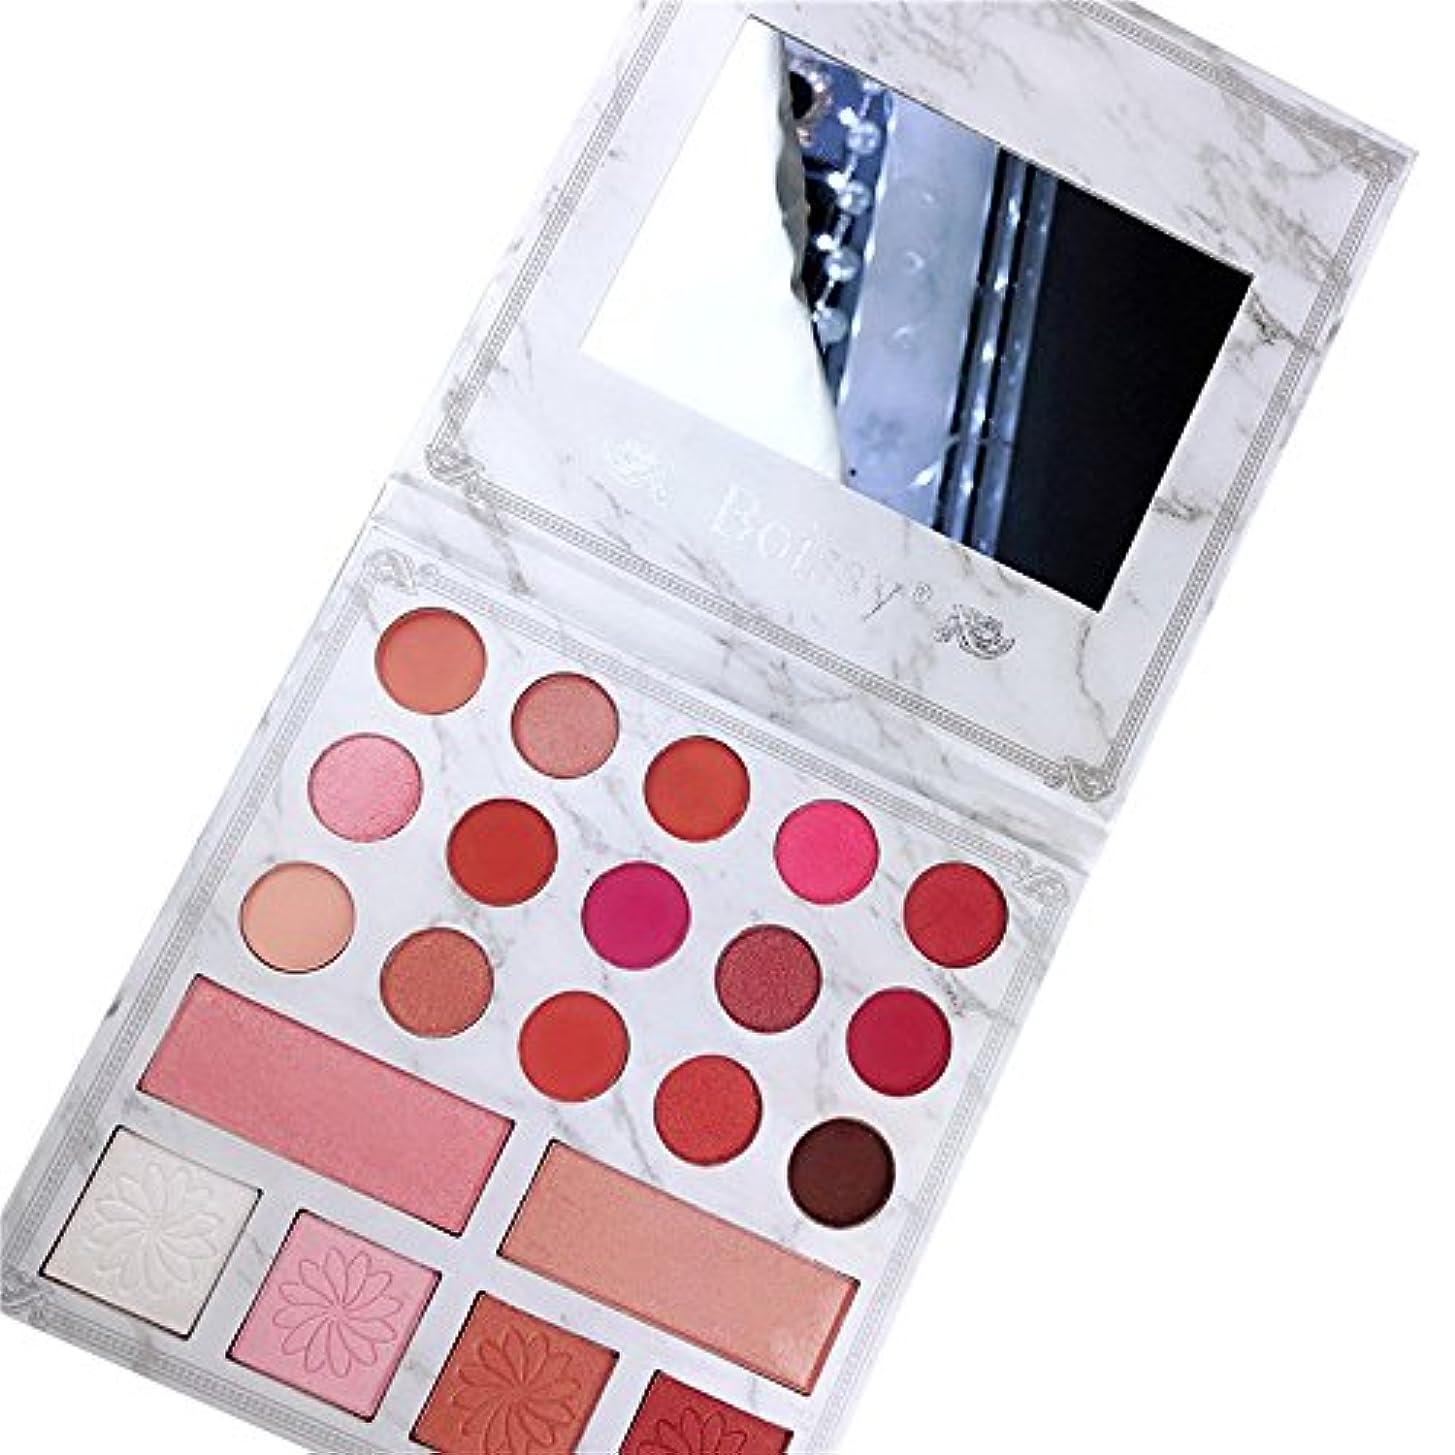 粒集計ぺディカブ21色シマーマットアイシャドウアイシャドウパレットプロ化粧品メイクアップツール